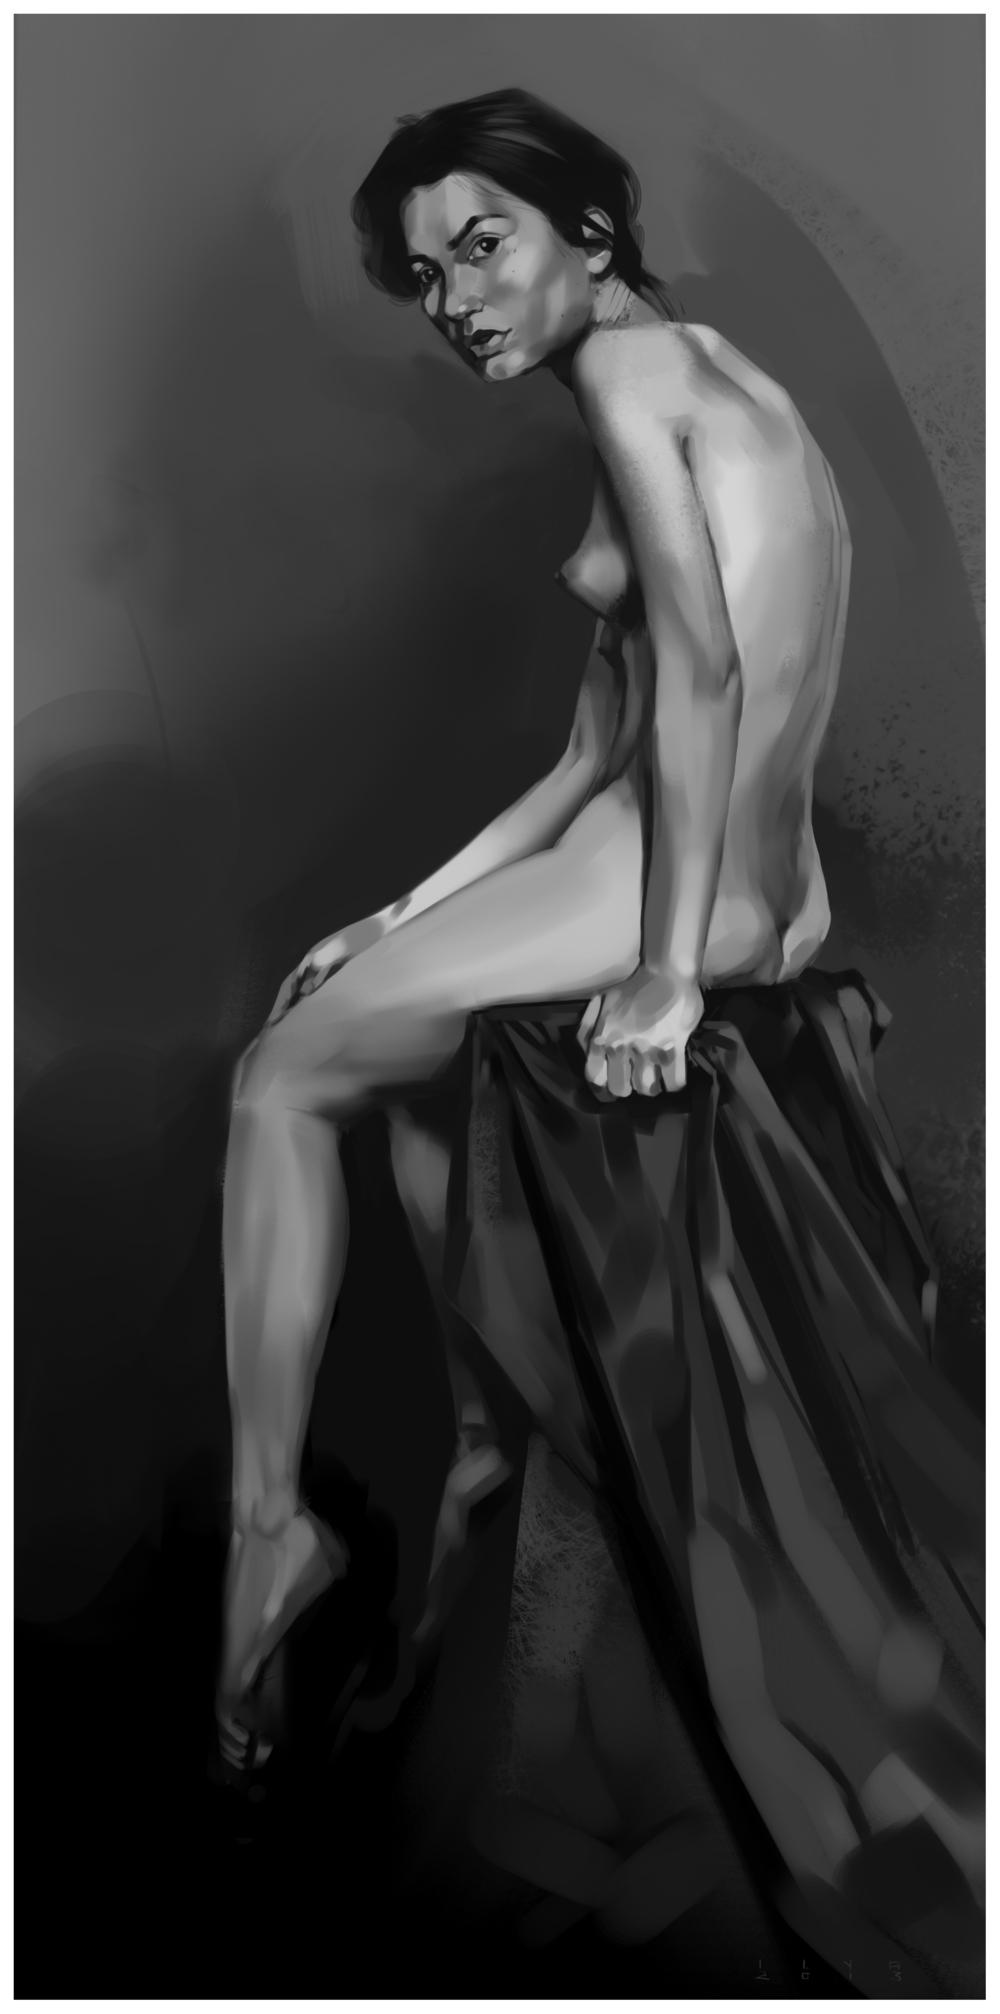 Girl_nude.jpg